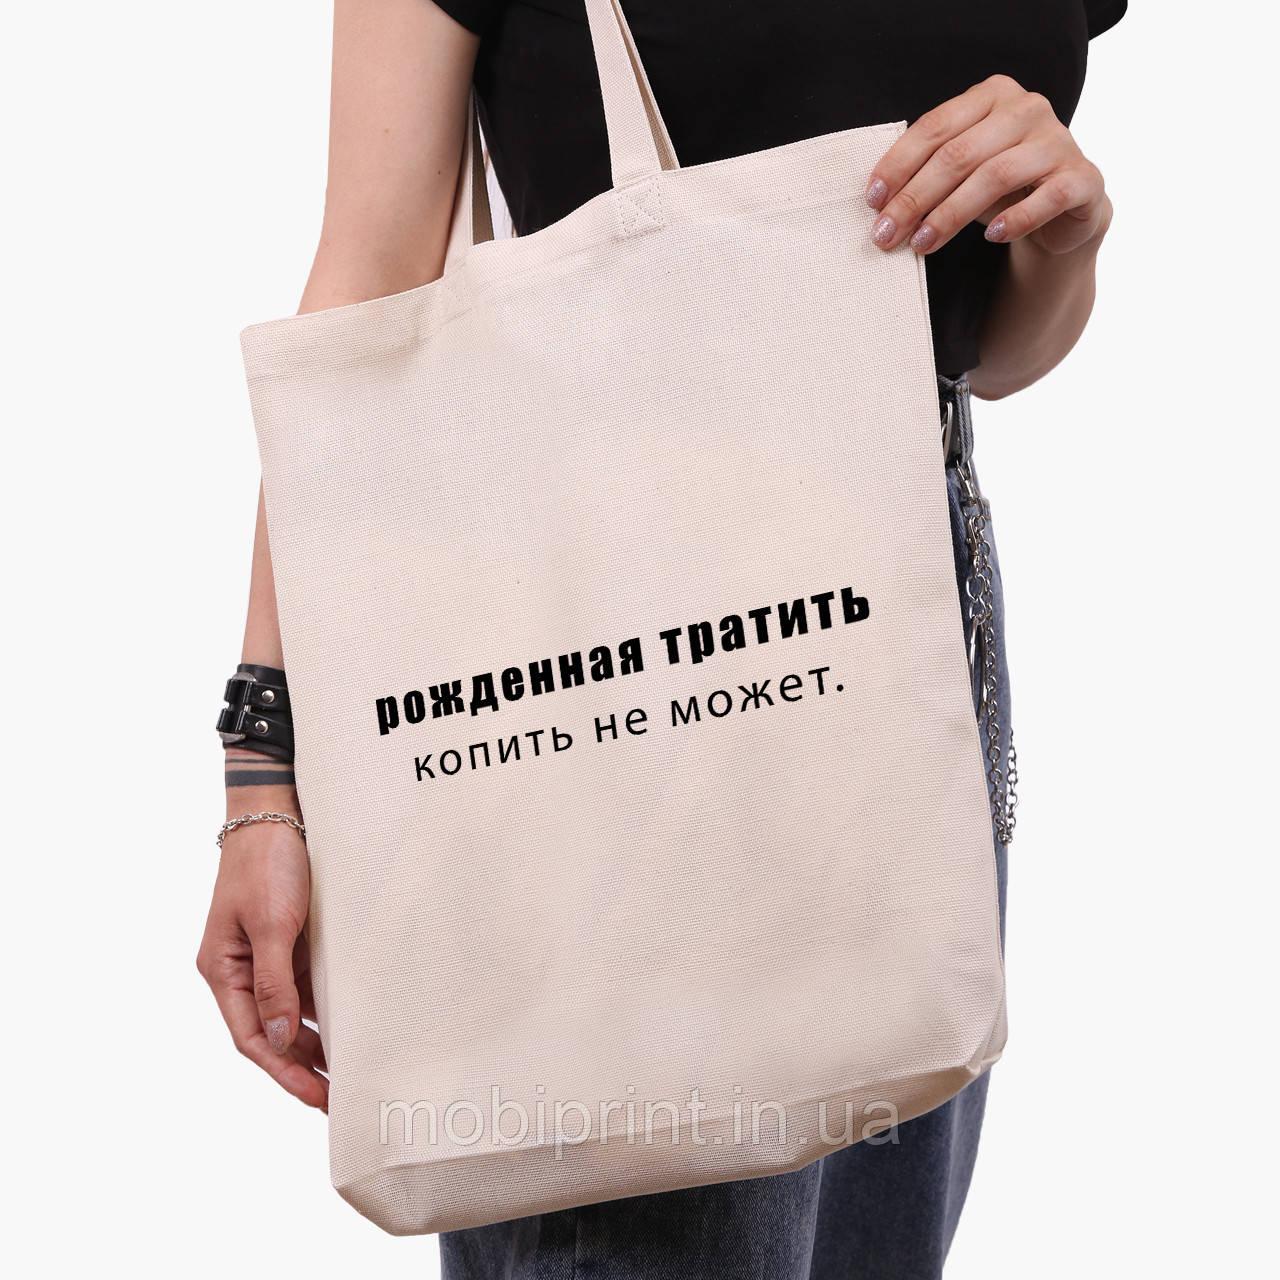 Еко сумка шоппер біла Народжена витрачати збирати не може (9227-1789-1) экосумка шопер 41*39*8 см